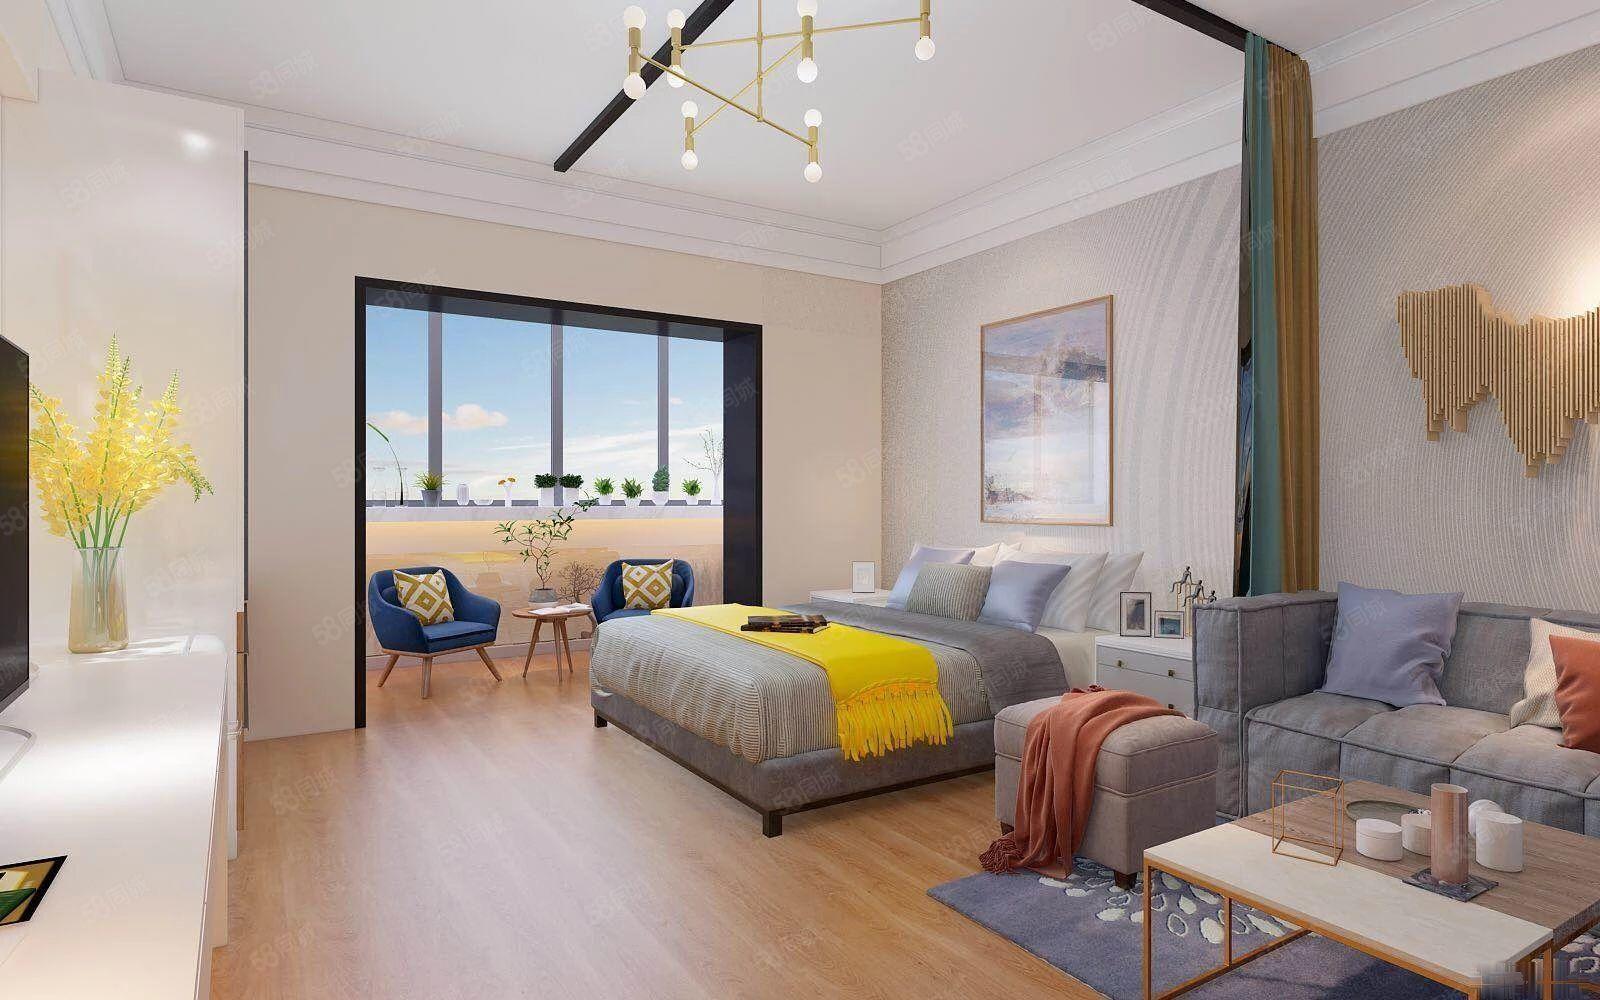 市中心新天地万达公寓火热开售数量不多包托管收益客观